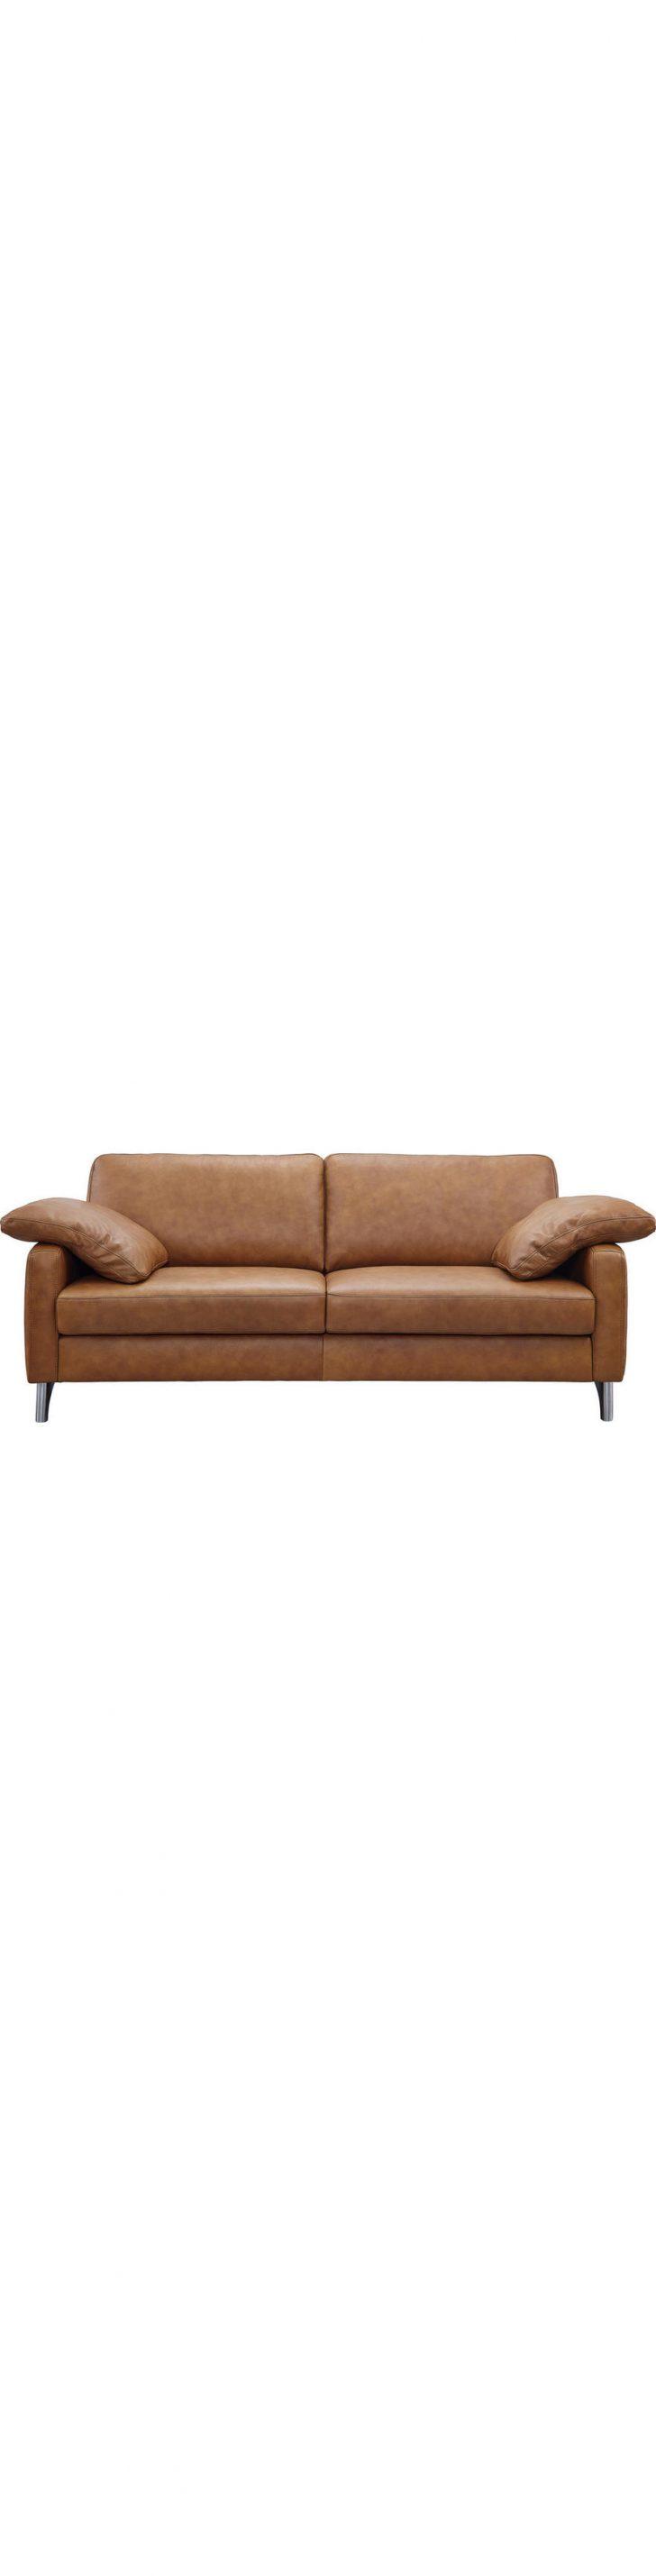 Medium Size of Zweisitzer Sofa Mit Relaxfunktion 3 Sitzer Esstisch L Form Schlaf Schillig Ektorp Halbrundes Bezug Sofort Lieferbar Schlafsofa Liegefläche 180x200 Rund Sofa Zweisitzer Sofa